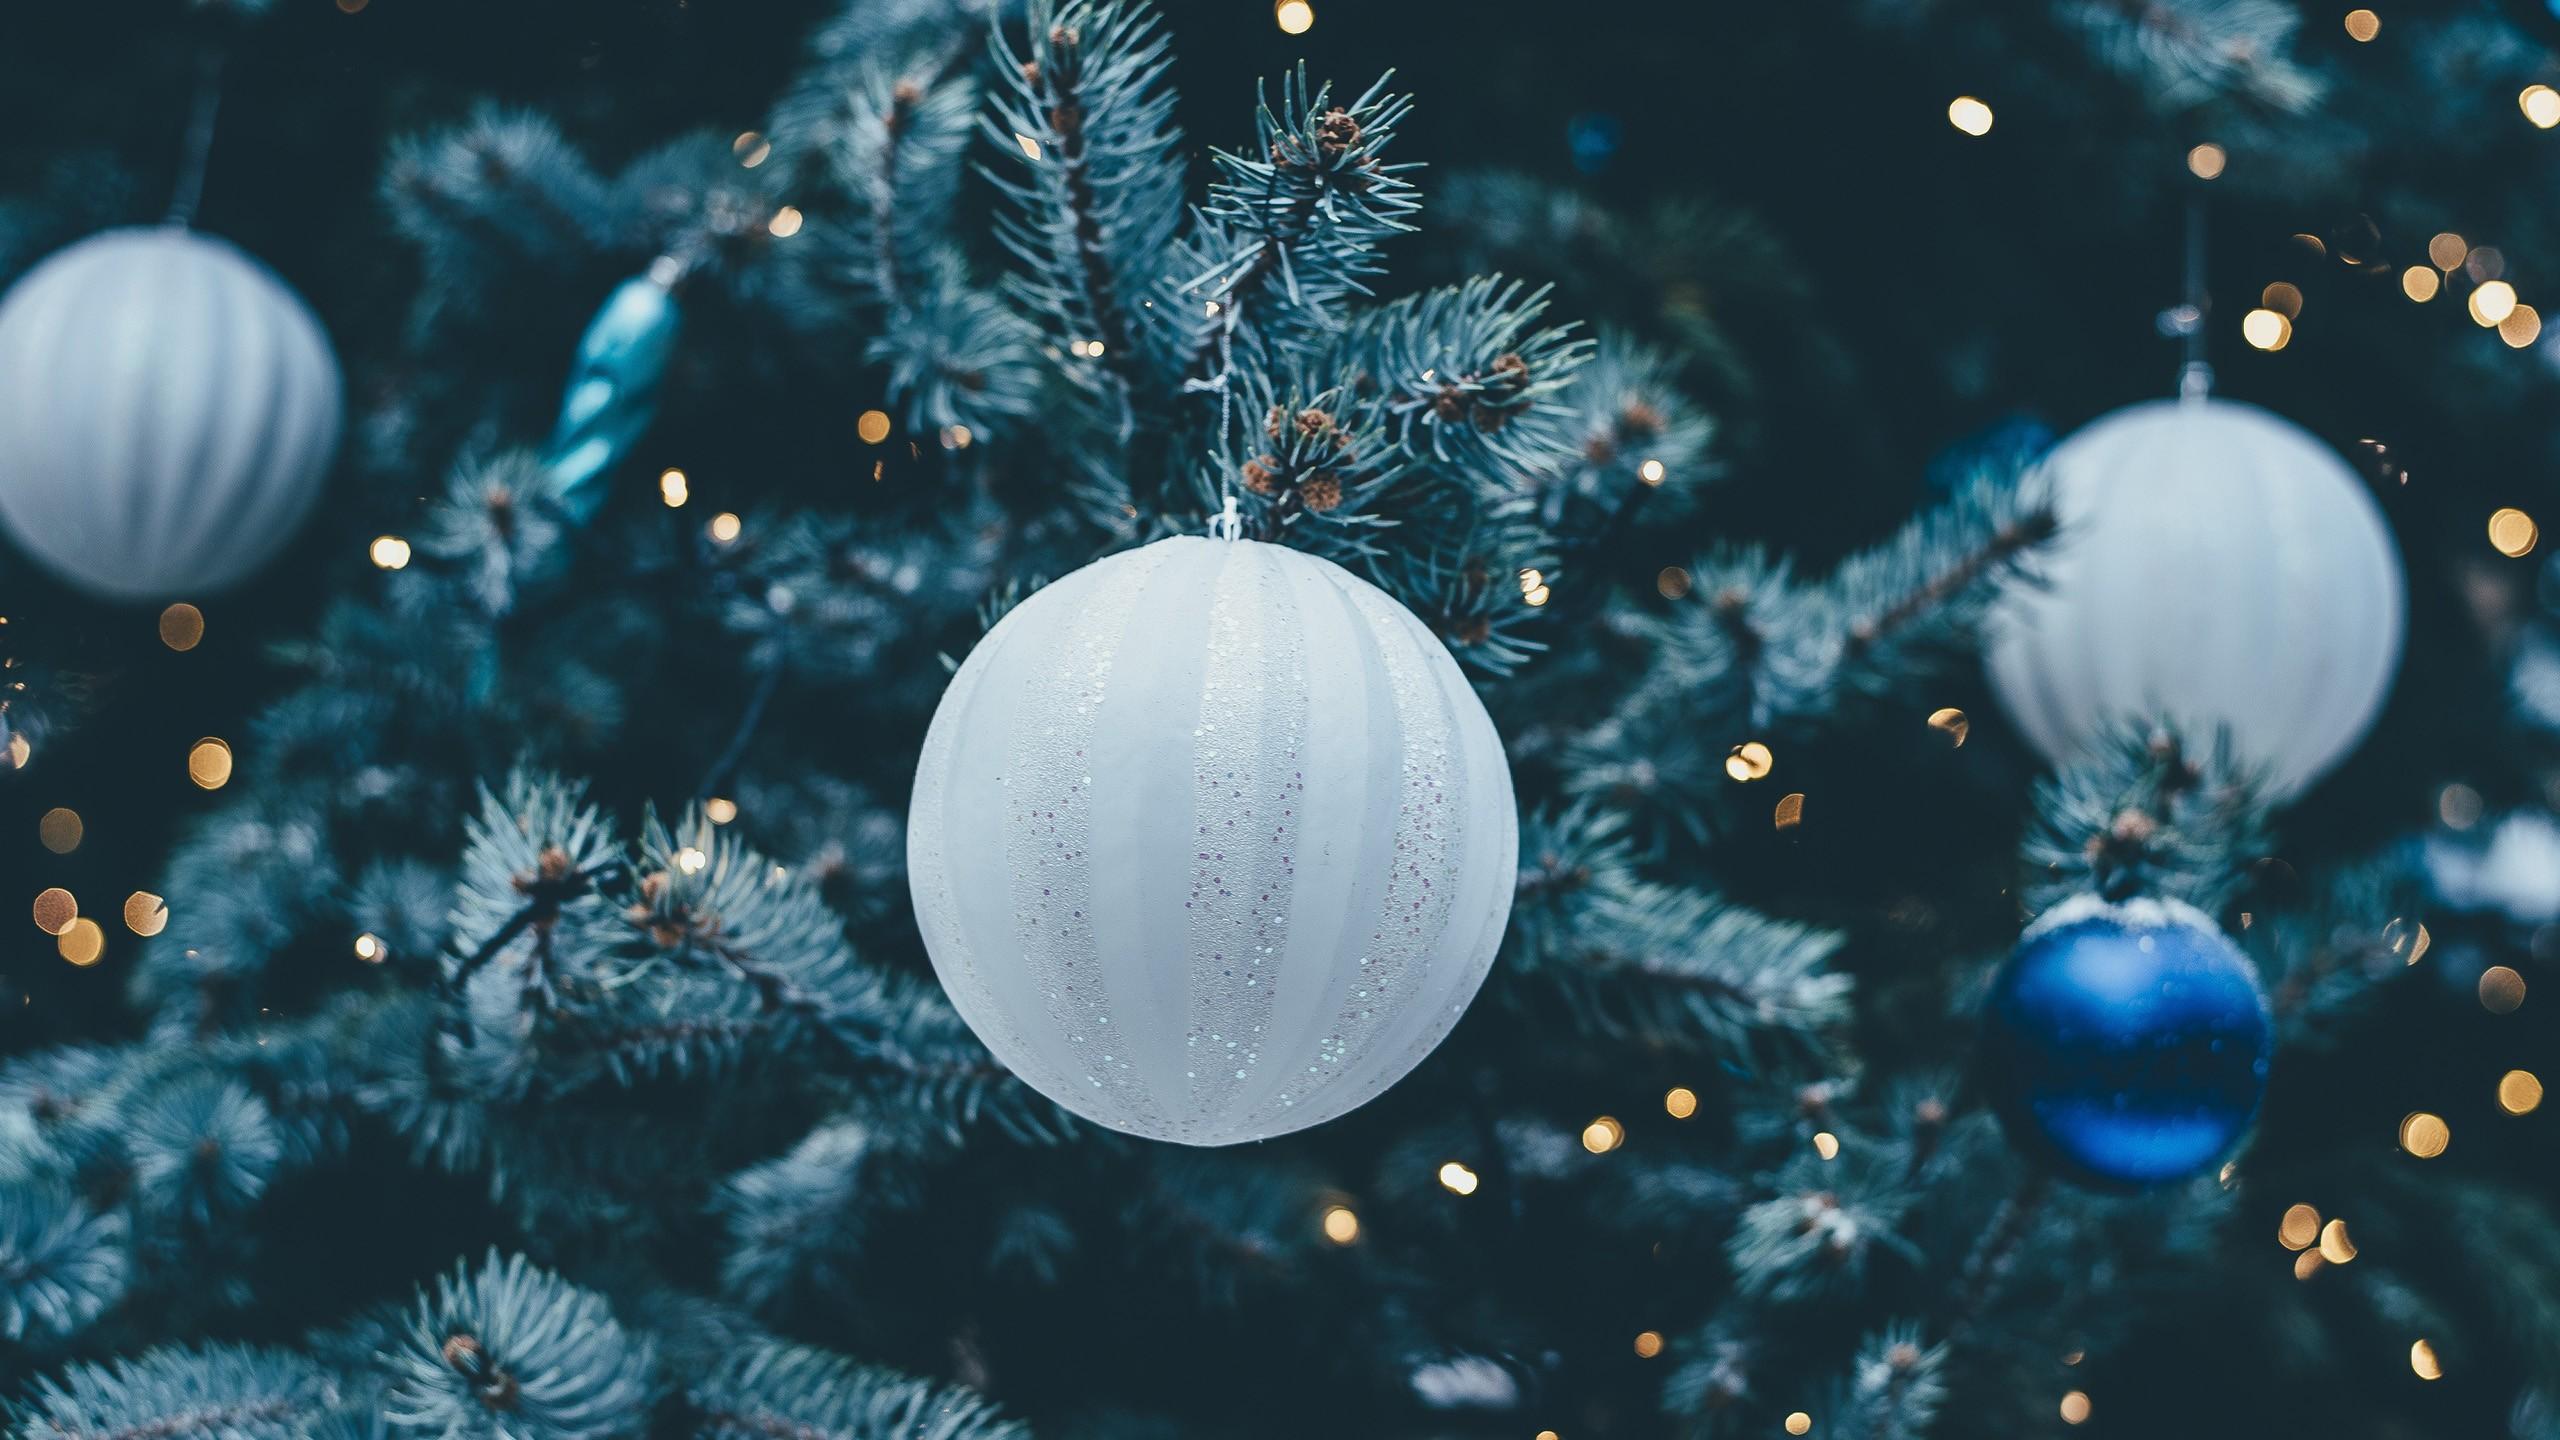 Fond D Ecran Branche Bleu Arbre De Noel Cercle Decorations De